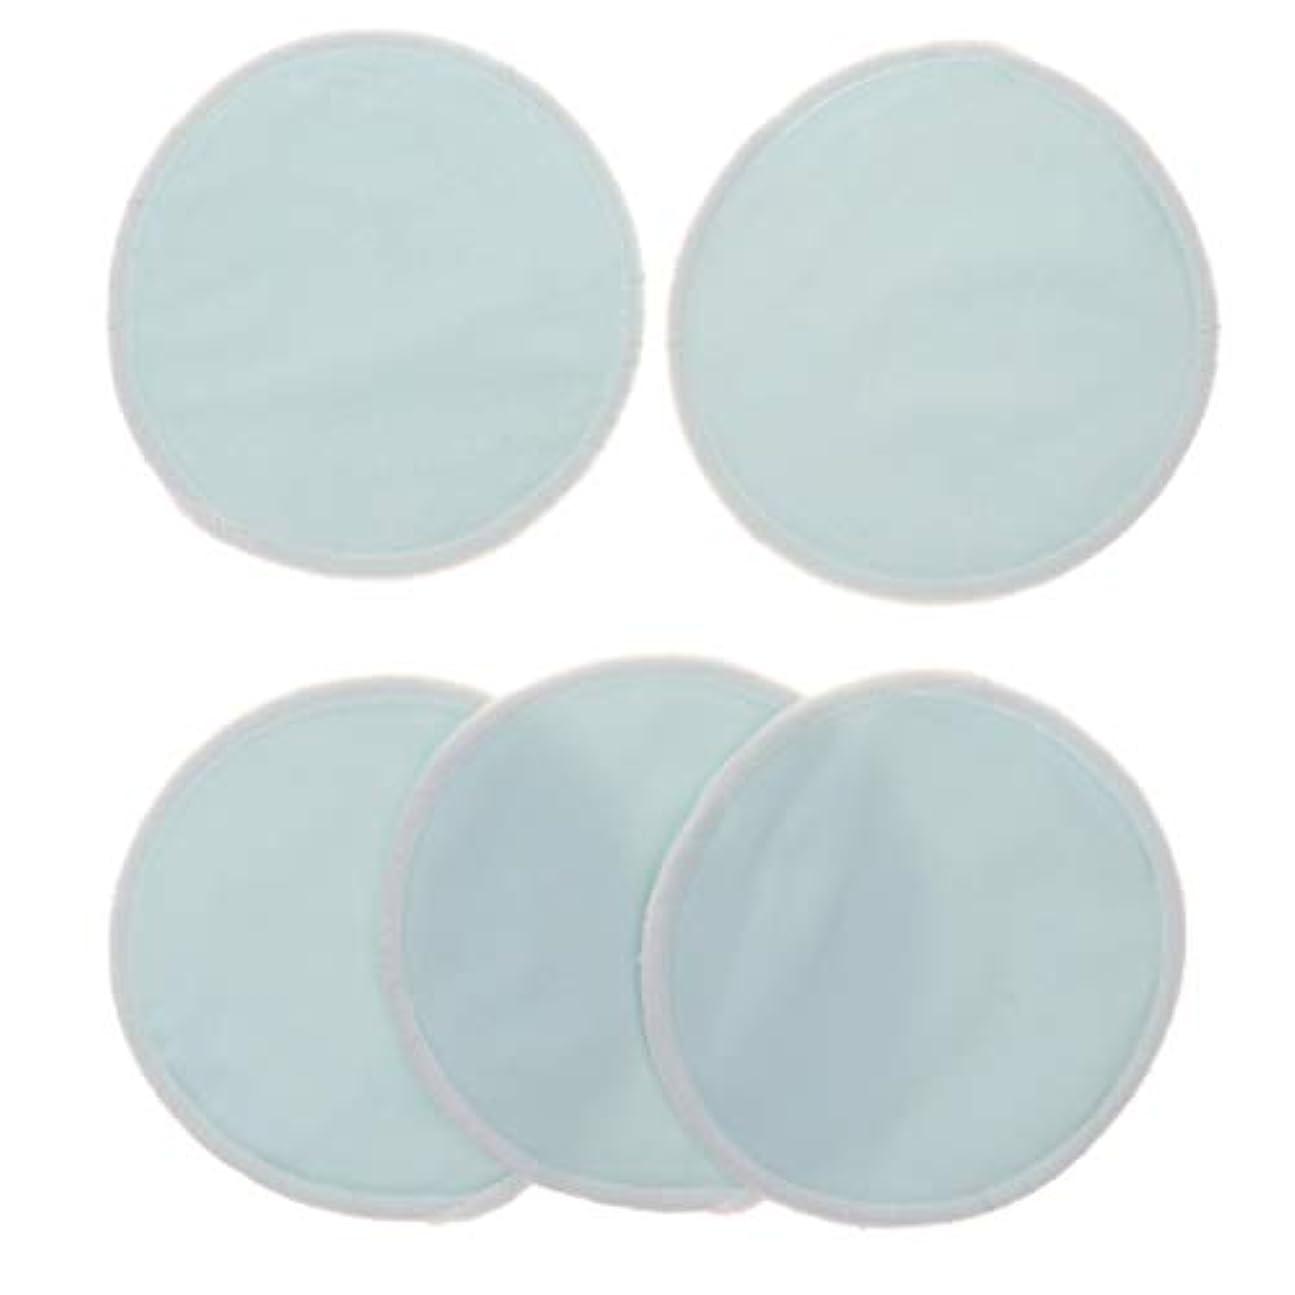 聞く十分ですびっくりするFenteer 5個 クレンジングシート 胸パッド 化粧用 竹繊維 円形 12cm 洗える 再使用可能 耐久性 全5色 - 青